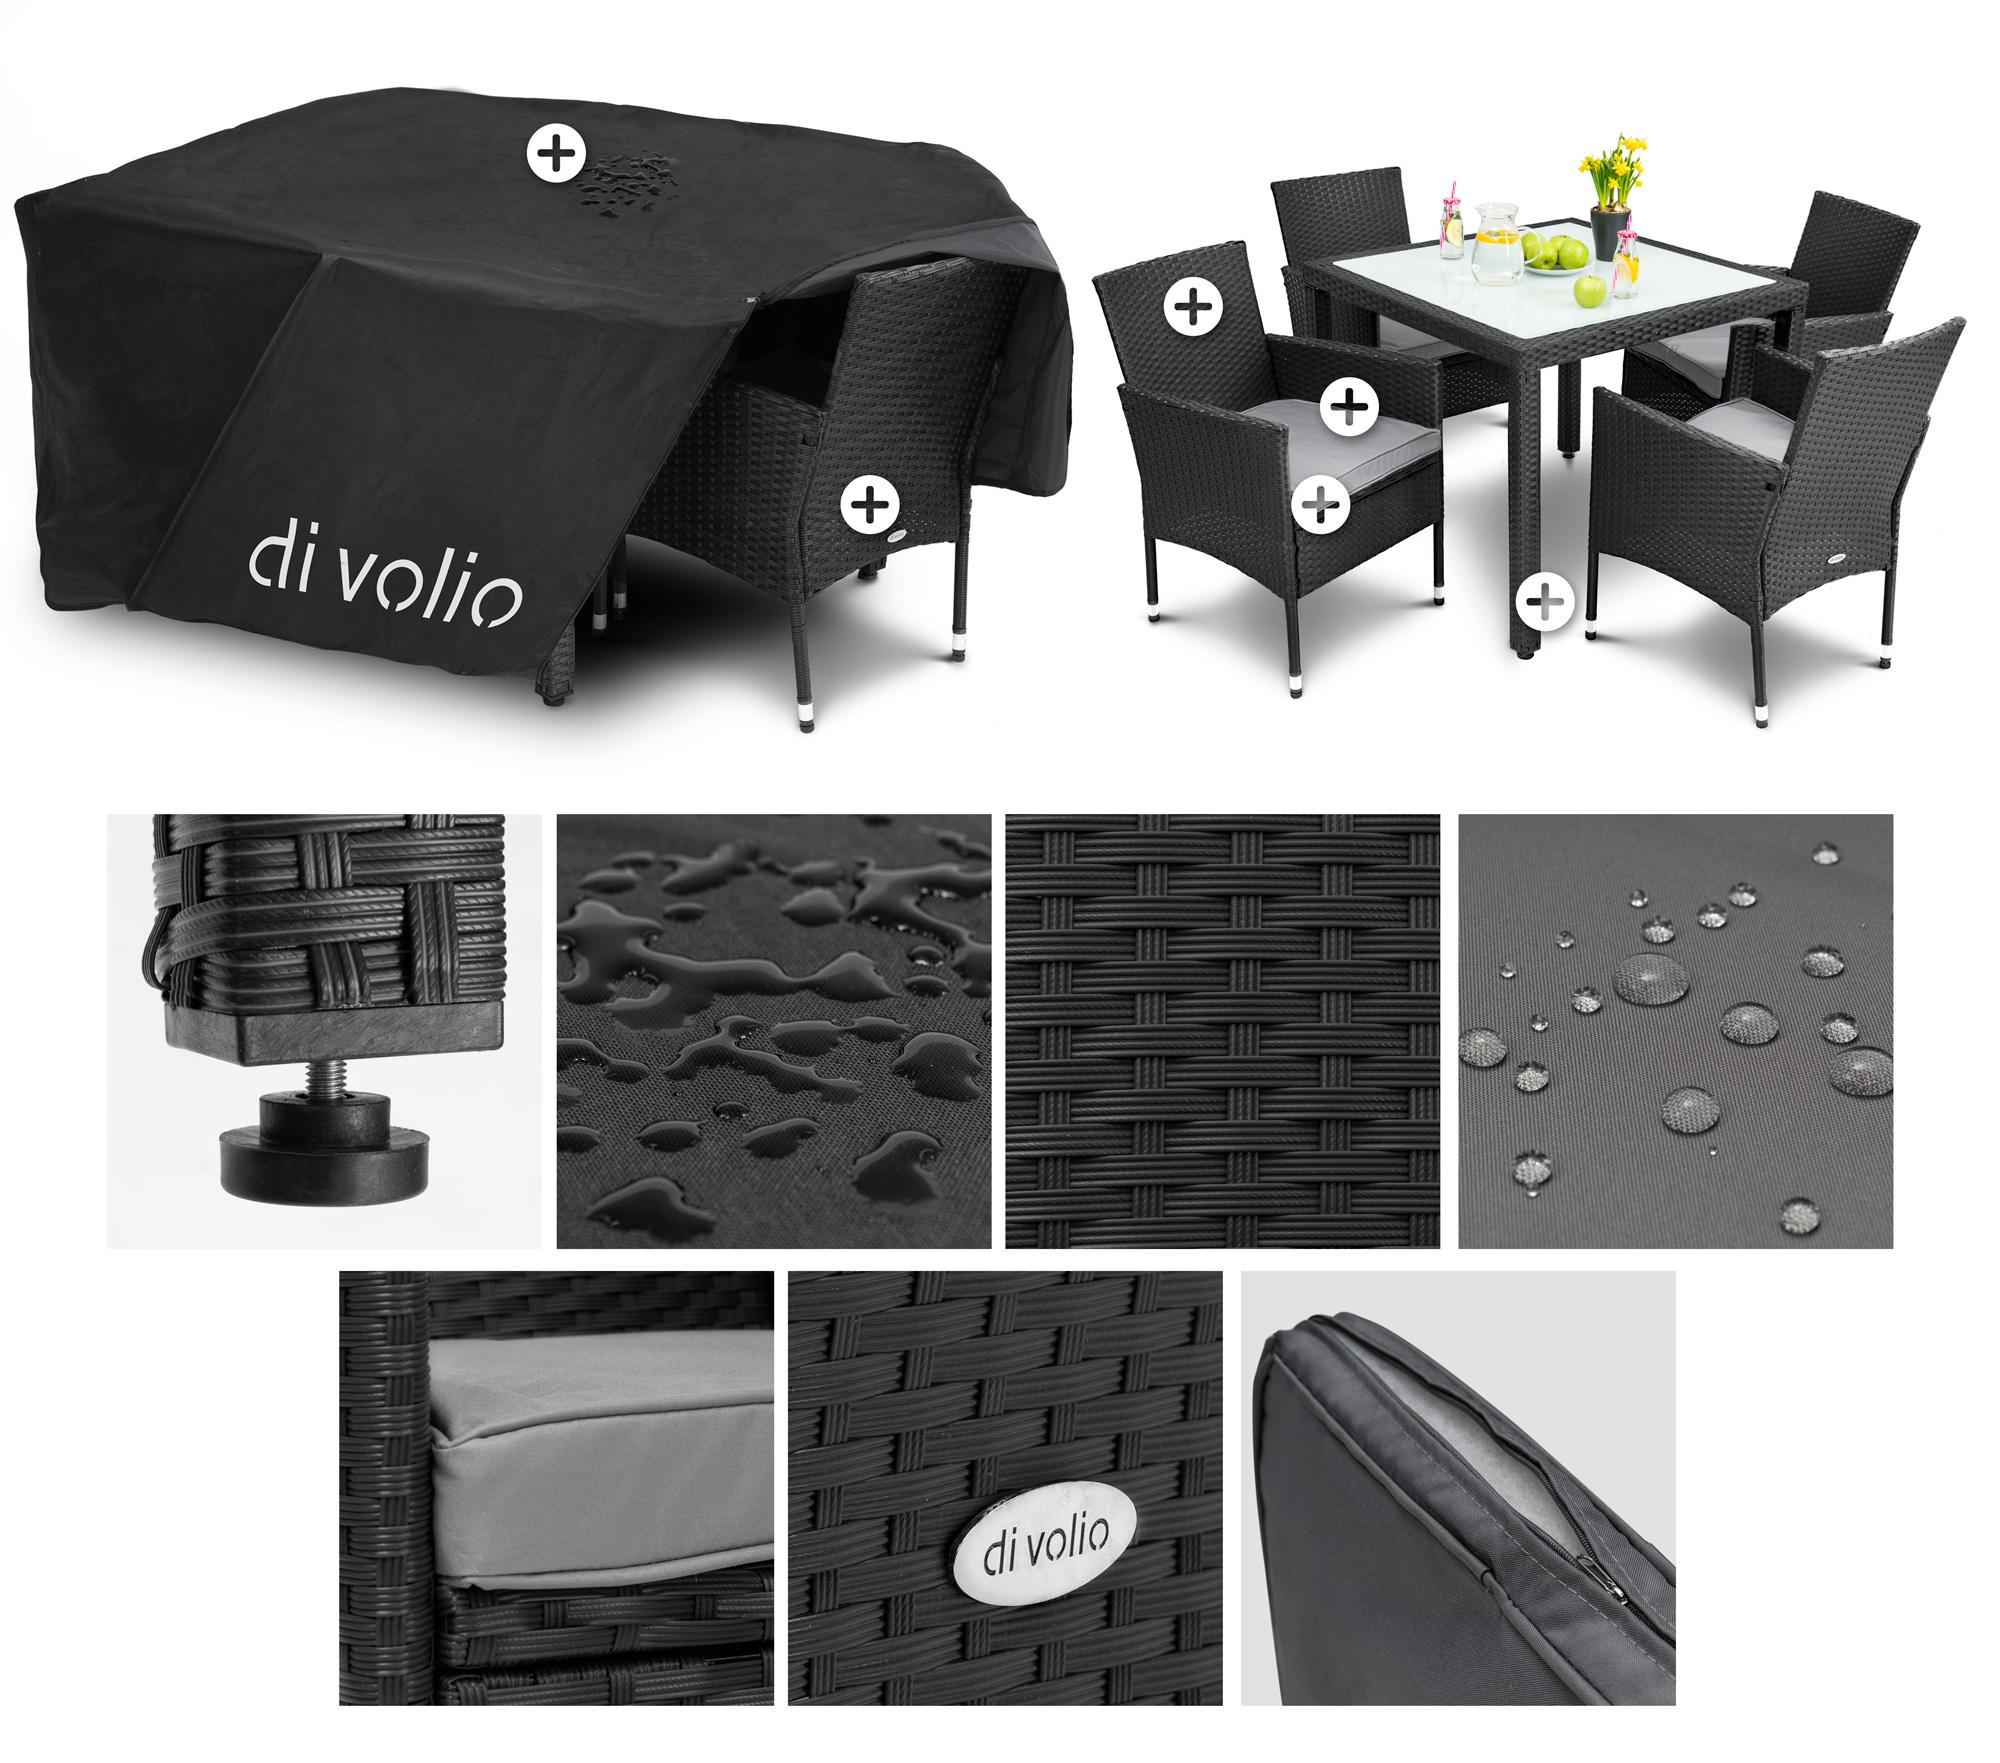 Gartenmöbel Set Stühlen 4 und mit SchwarzGrau Tisch VERONA 1 Set diVolio LUzGqMVpS